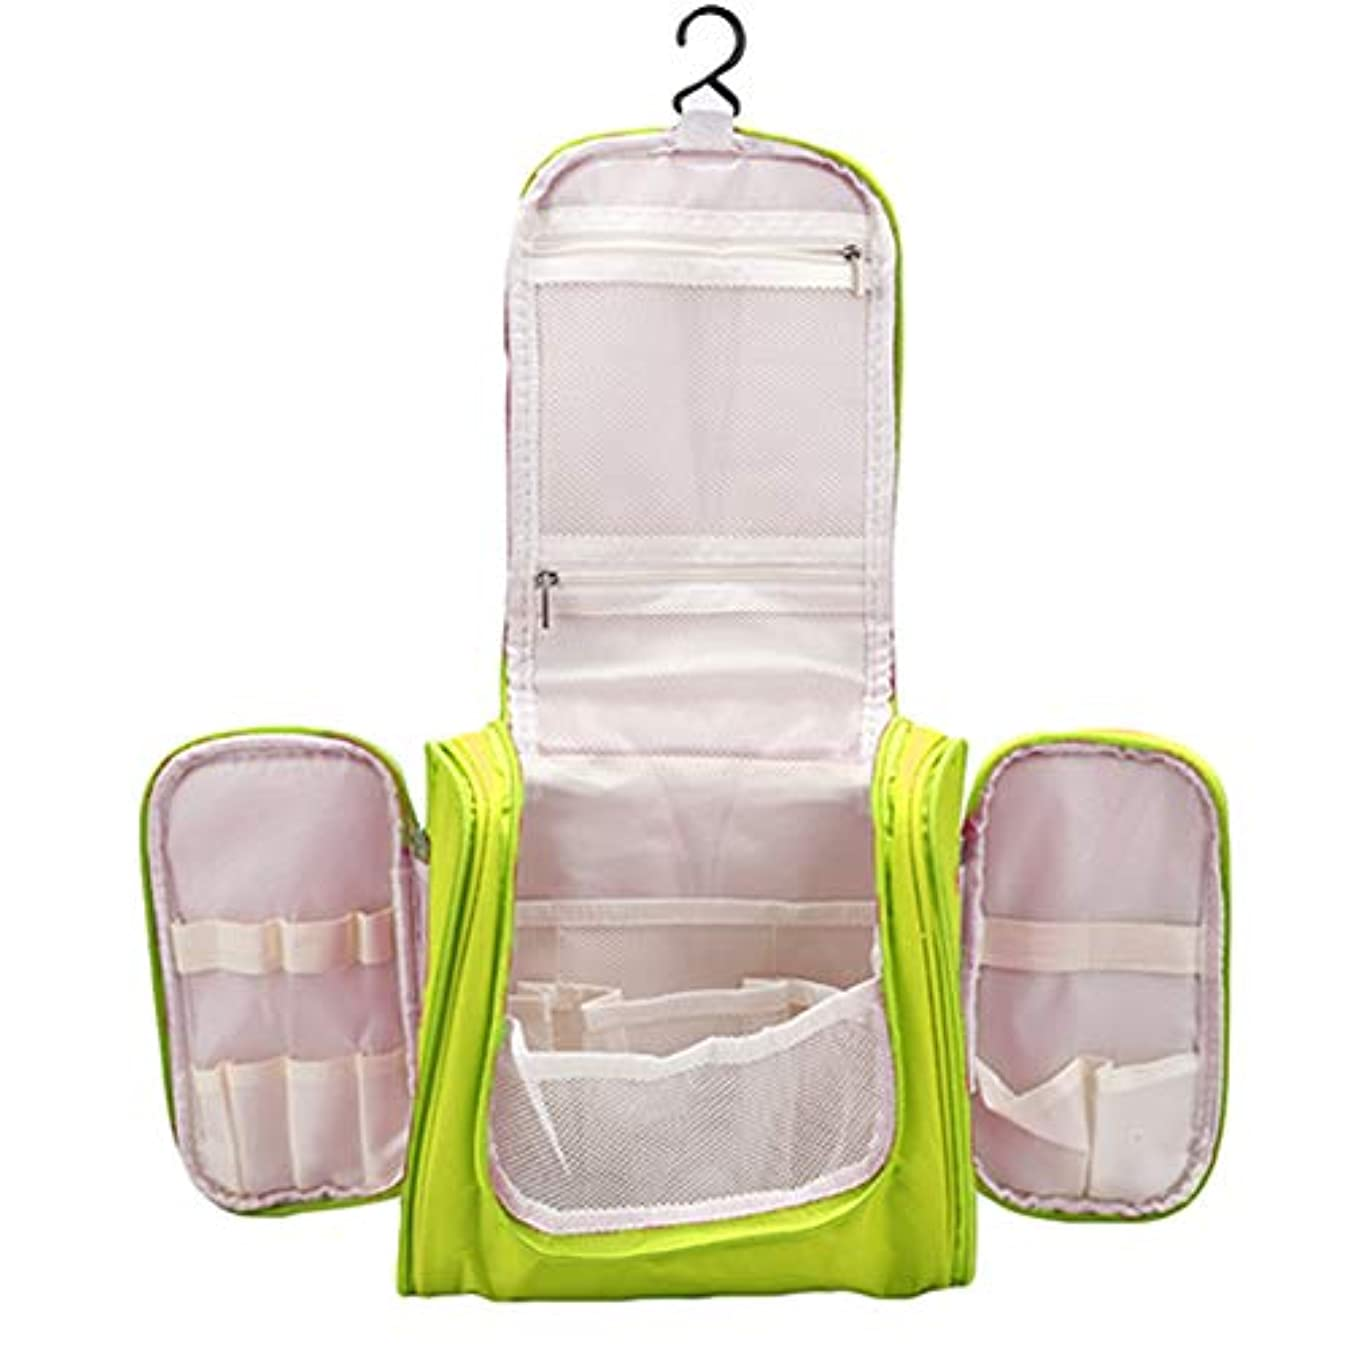 半径こだわり愛するMagarrow 化粧ポーチ トラベルポーチ コスメポーチ 収納ポーチ バッグ 旅行用 収納ケース